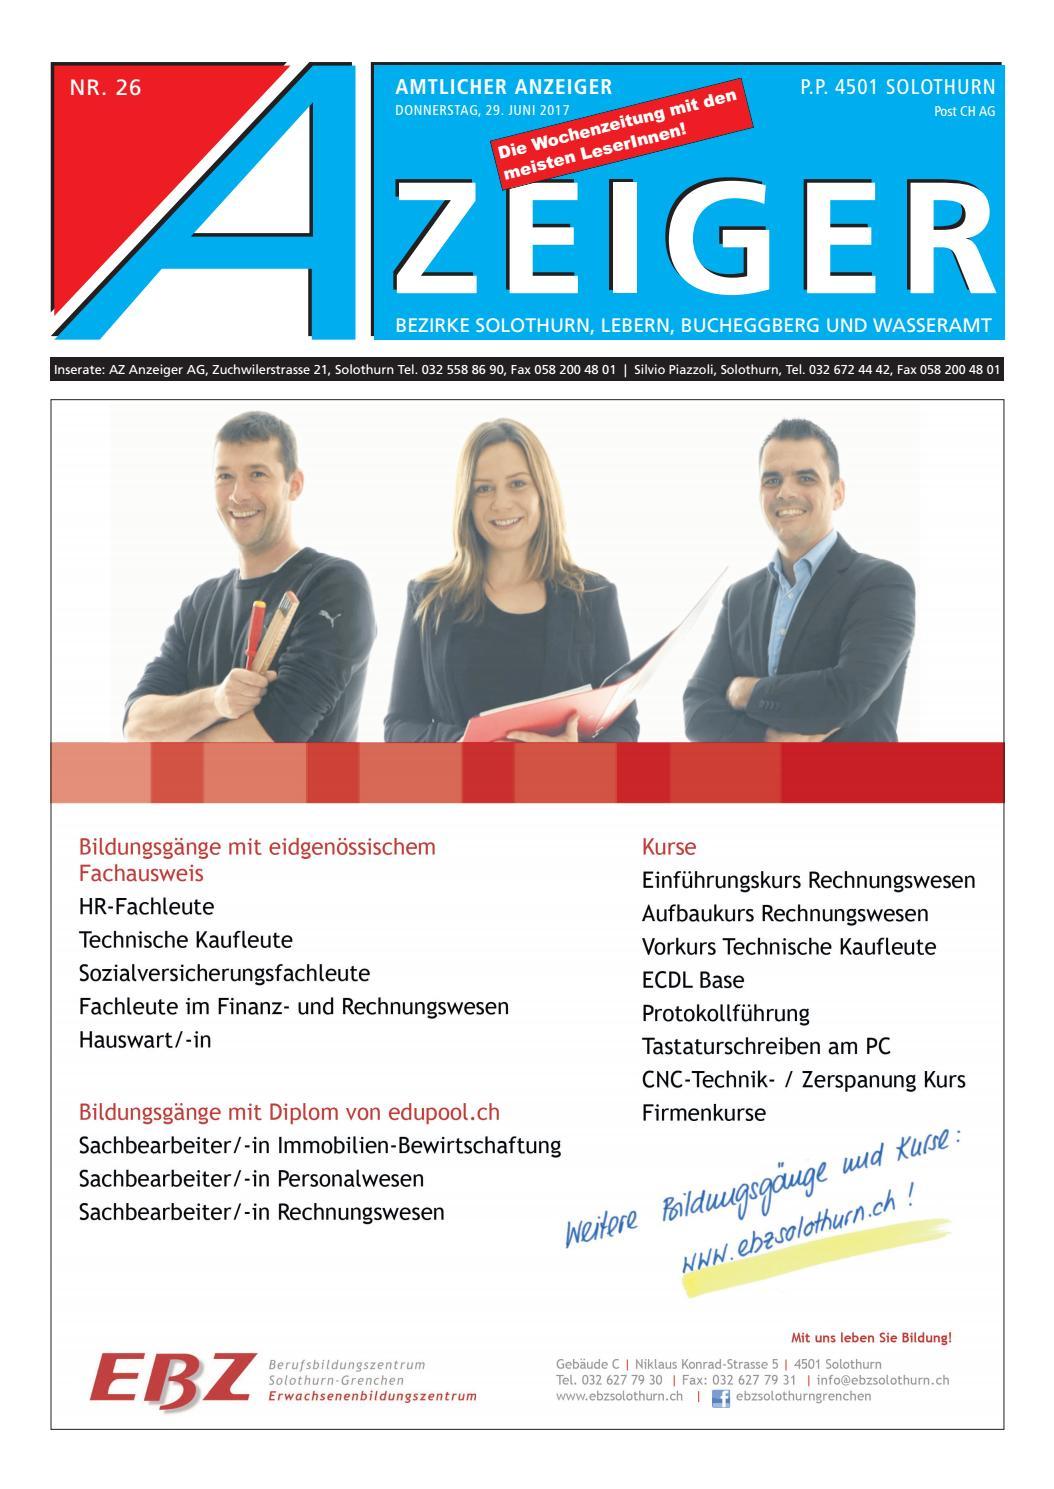 Meine Schweizer Lieblingssongs 2018 - Grenchner Tagblatt